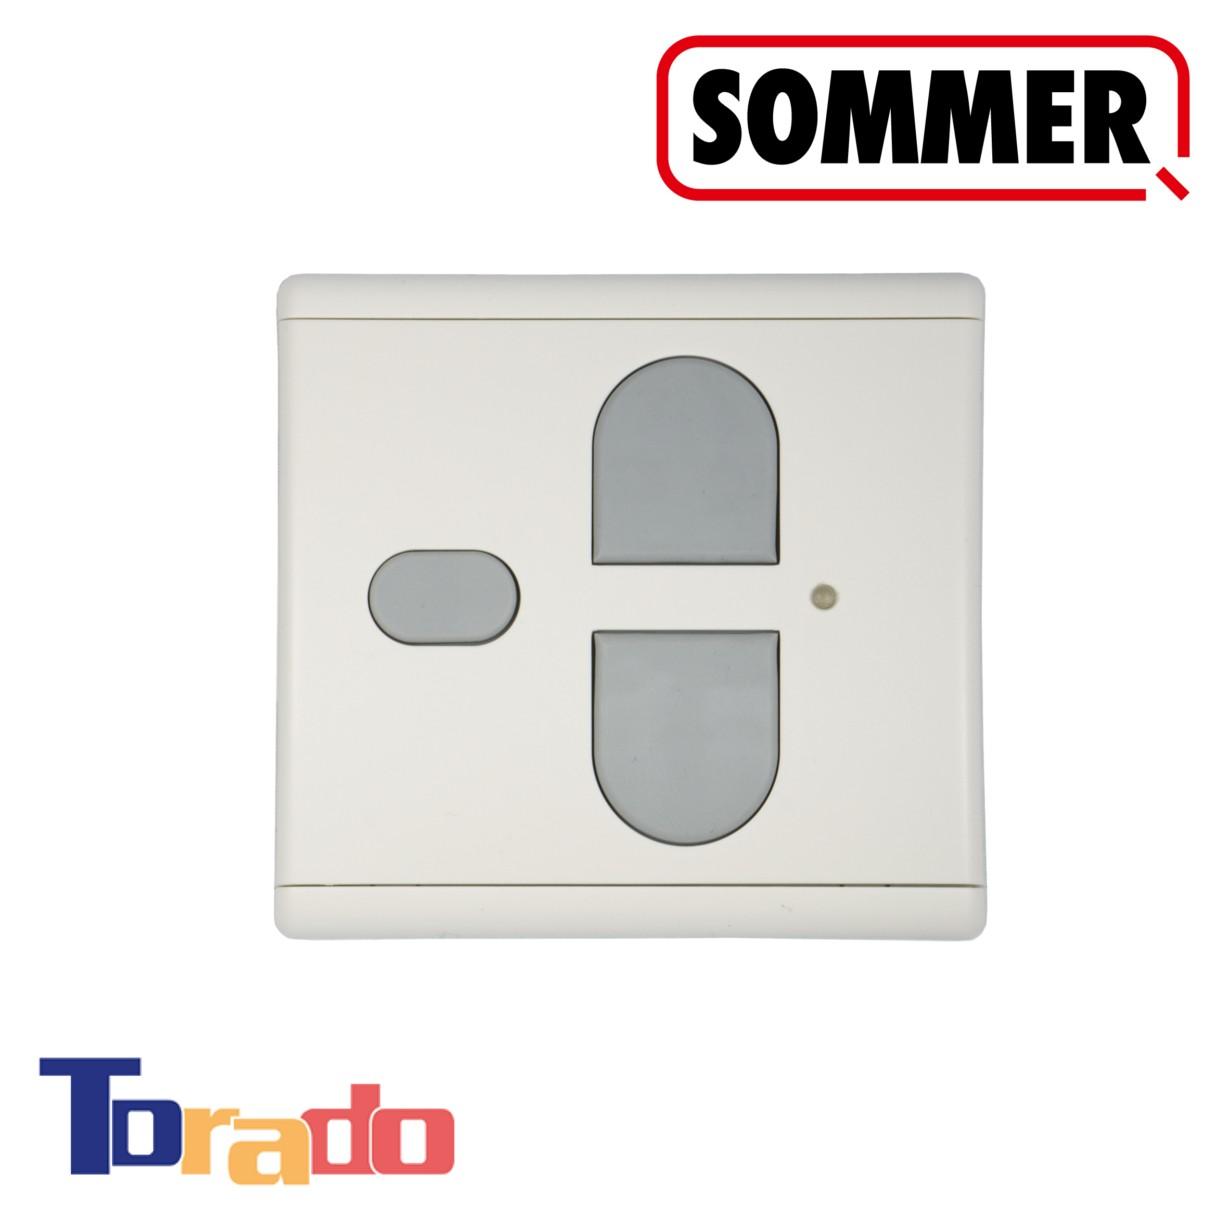 Sommer Funk-Wandtaster 3-Befehl 868 MHz weiß